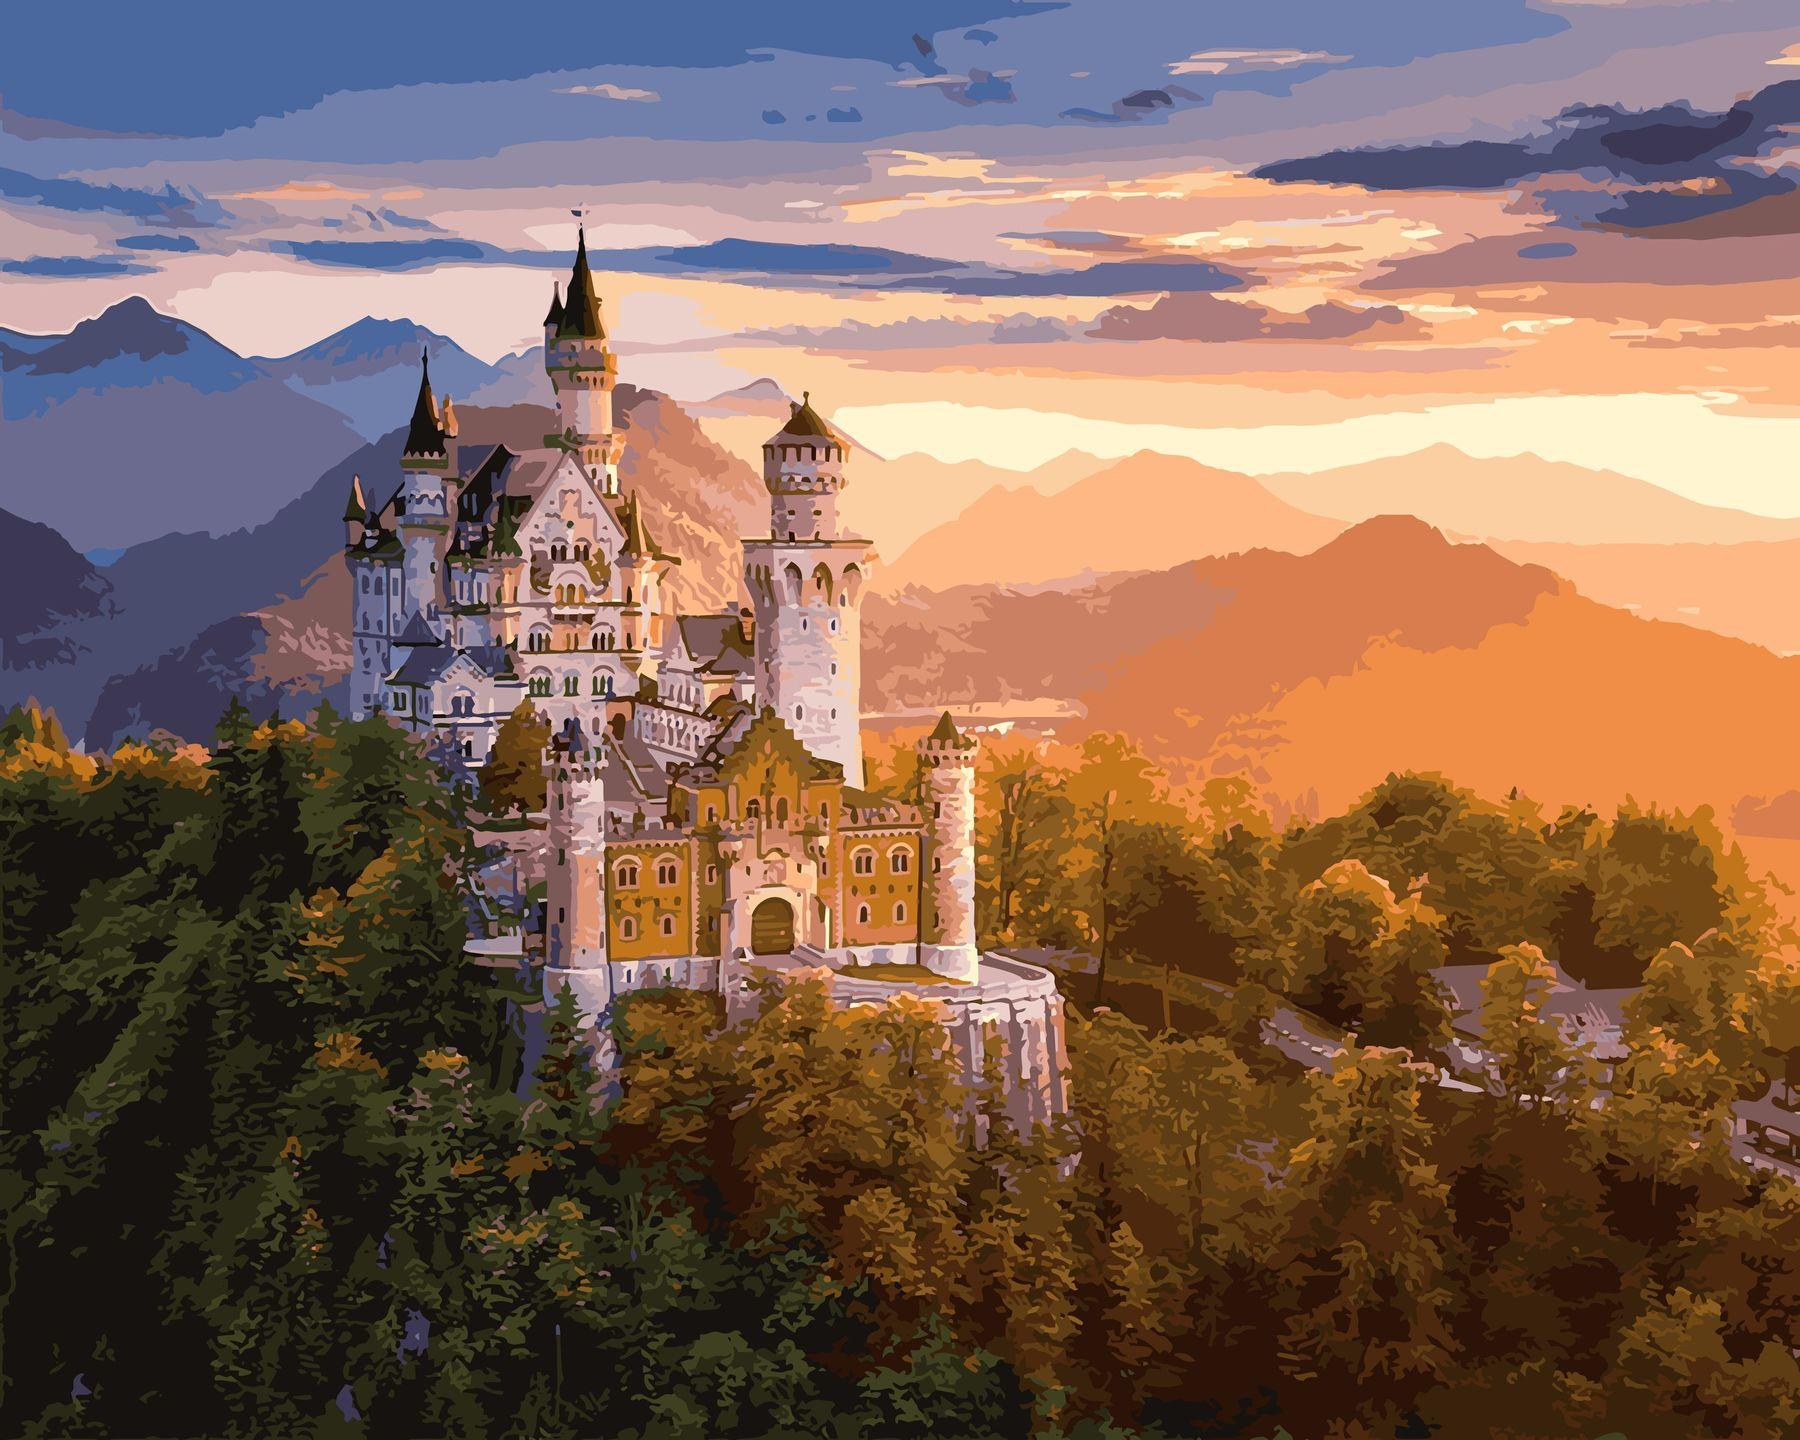 Раскраски по номерам Замок в лучах заката - VseTak ...